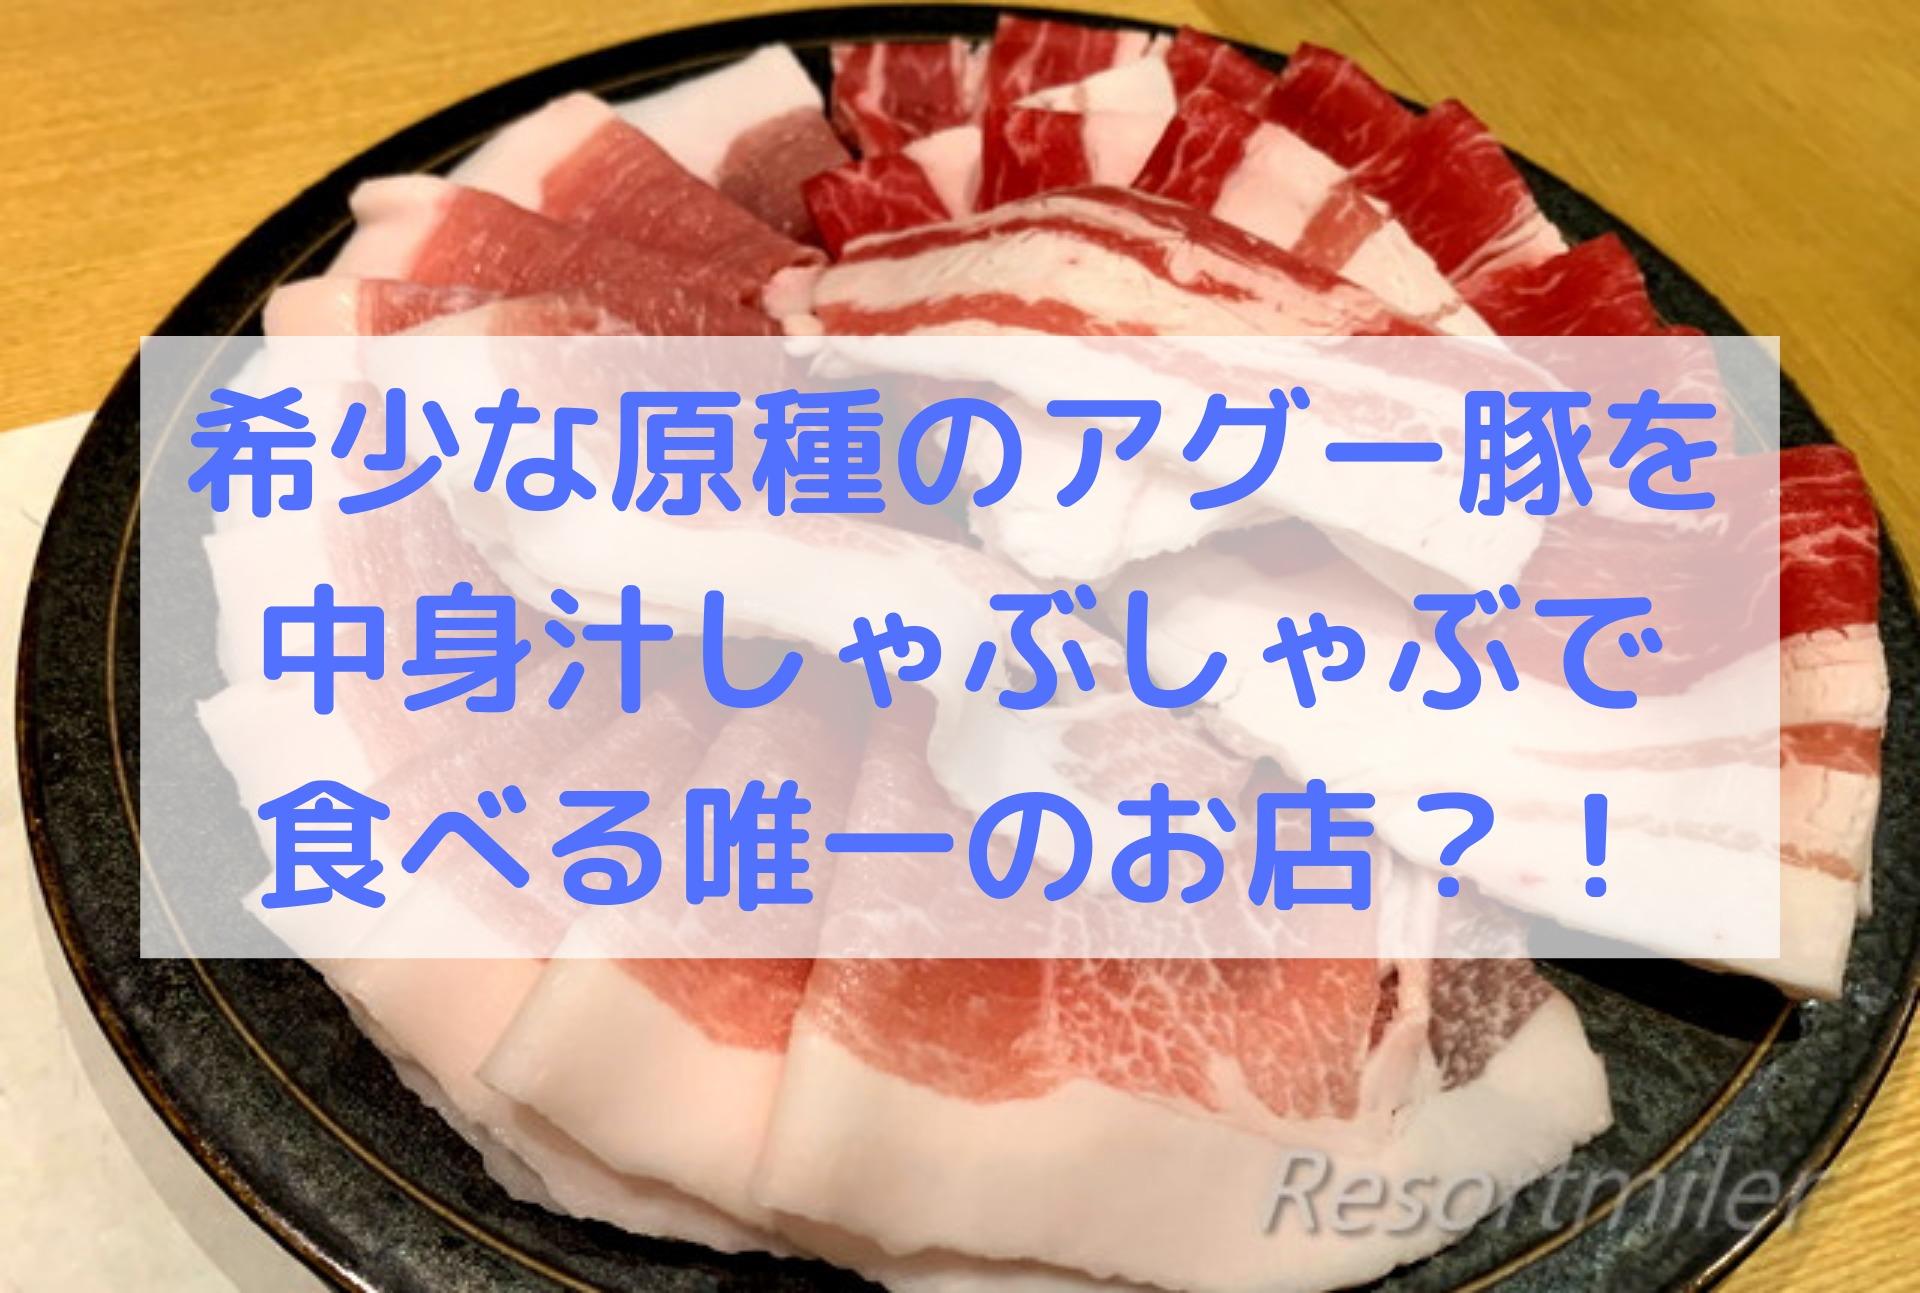 しゃぶしゃぶ専門店「たくよし」でアグー豚原種の黒琉豚を堪能!